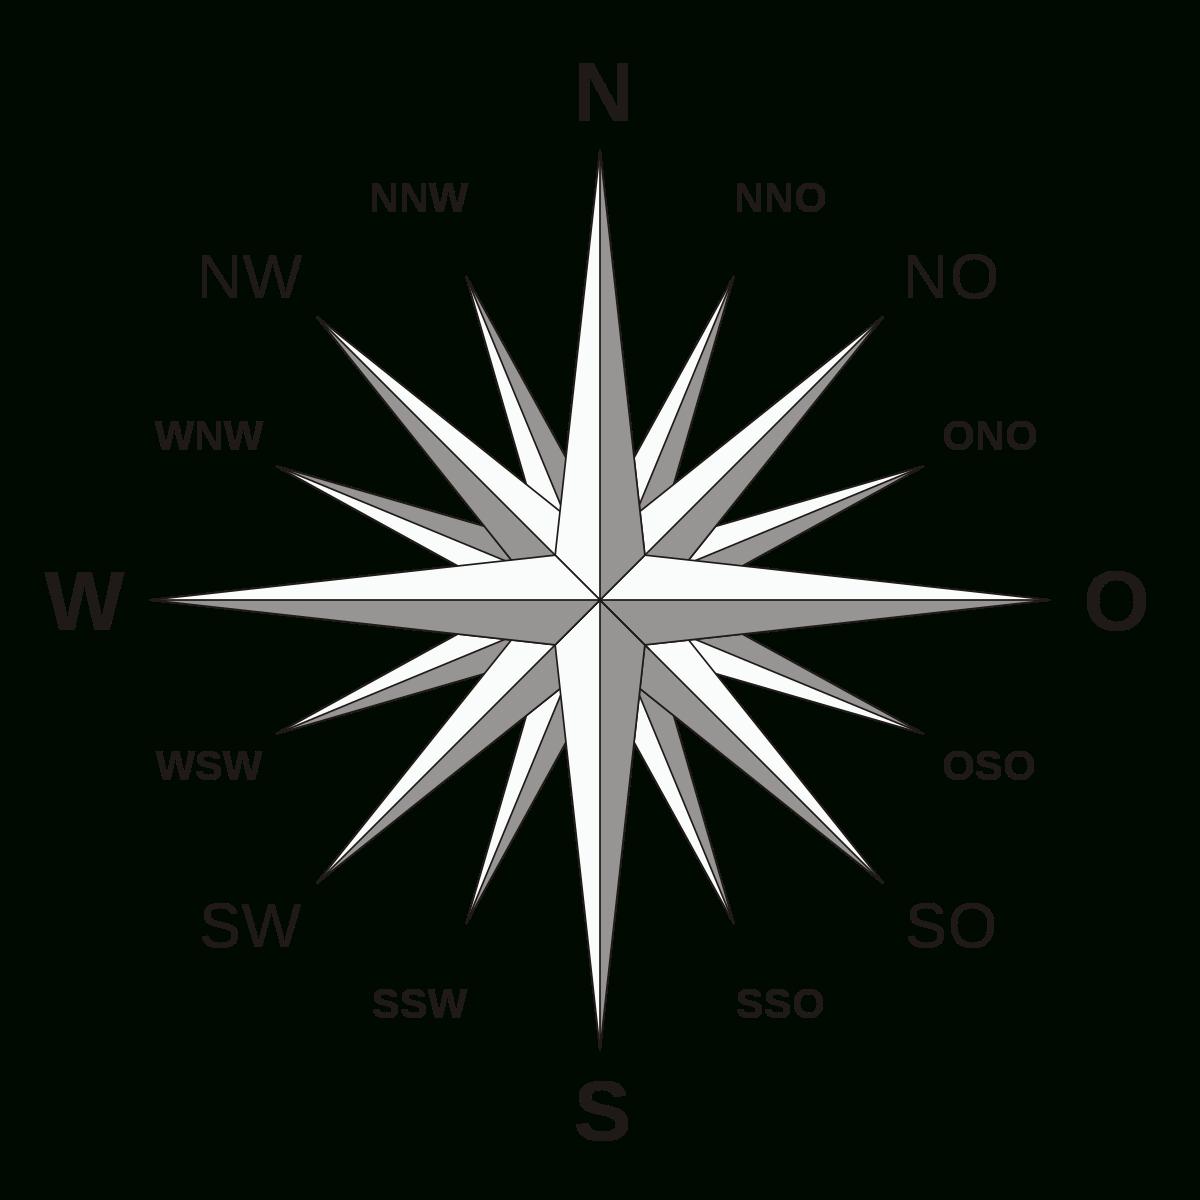 Himmelsrichtung – Wikipedia bei Im Norden Geht Die Sonne Auf Spruch